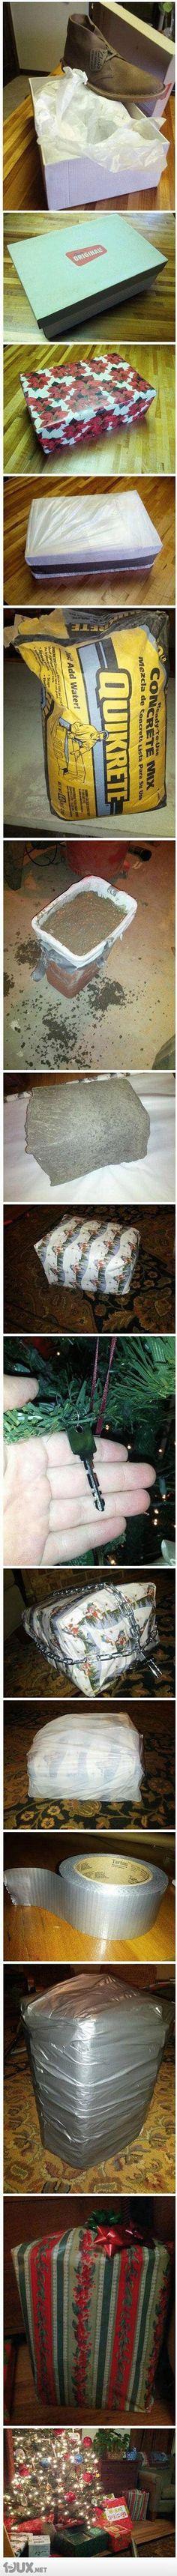 Wie man ein Geschenk so richtig verpackt